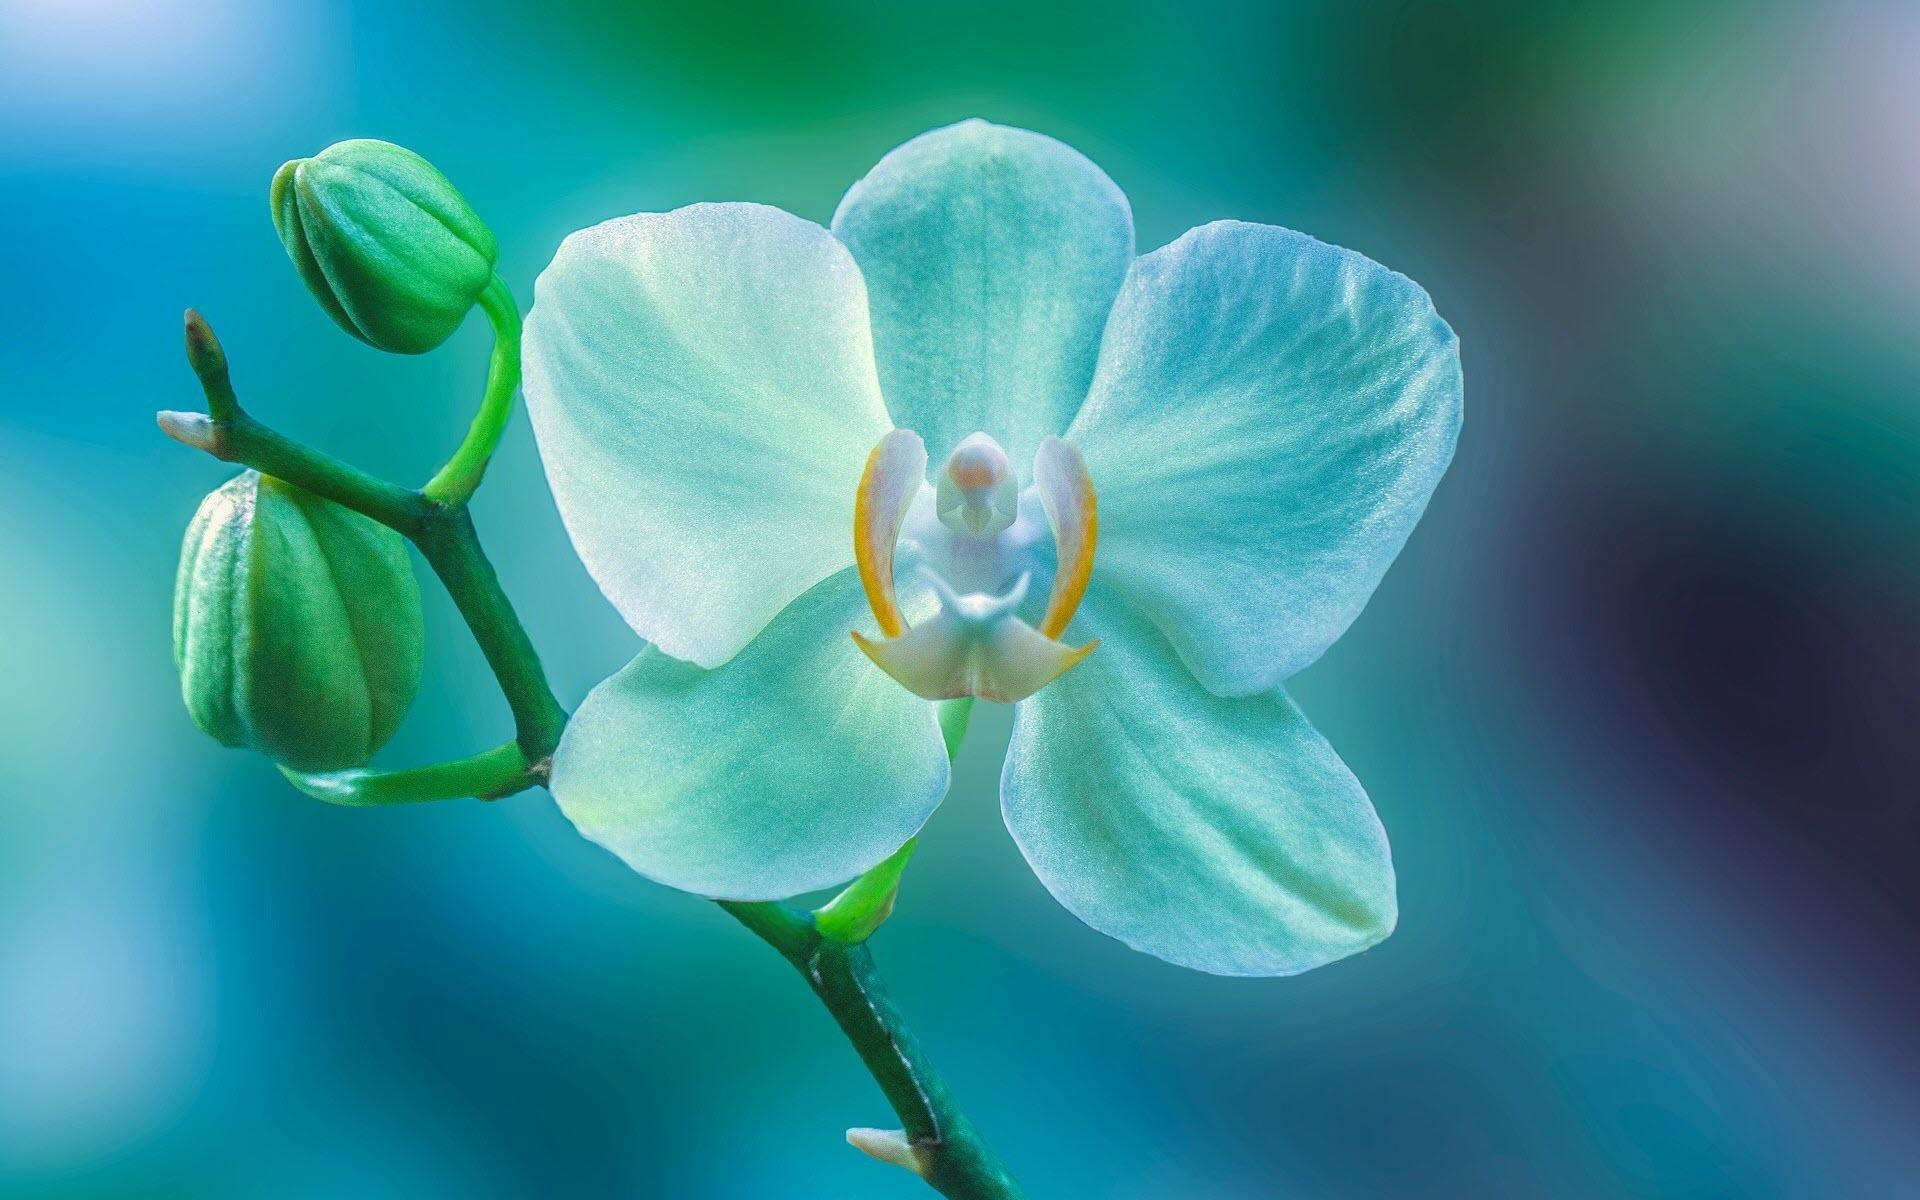 Hình nền hoa lan đẹp chất lượng nhất